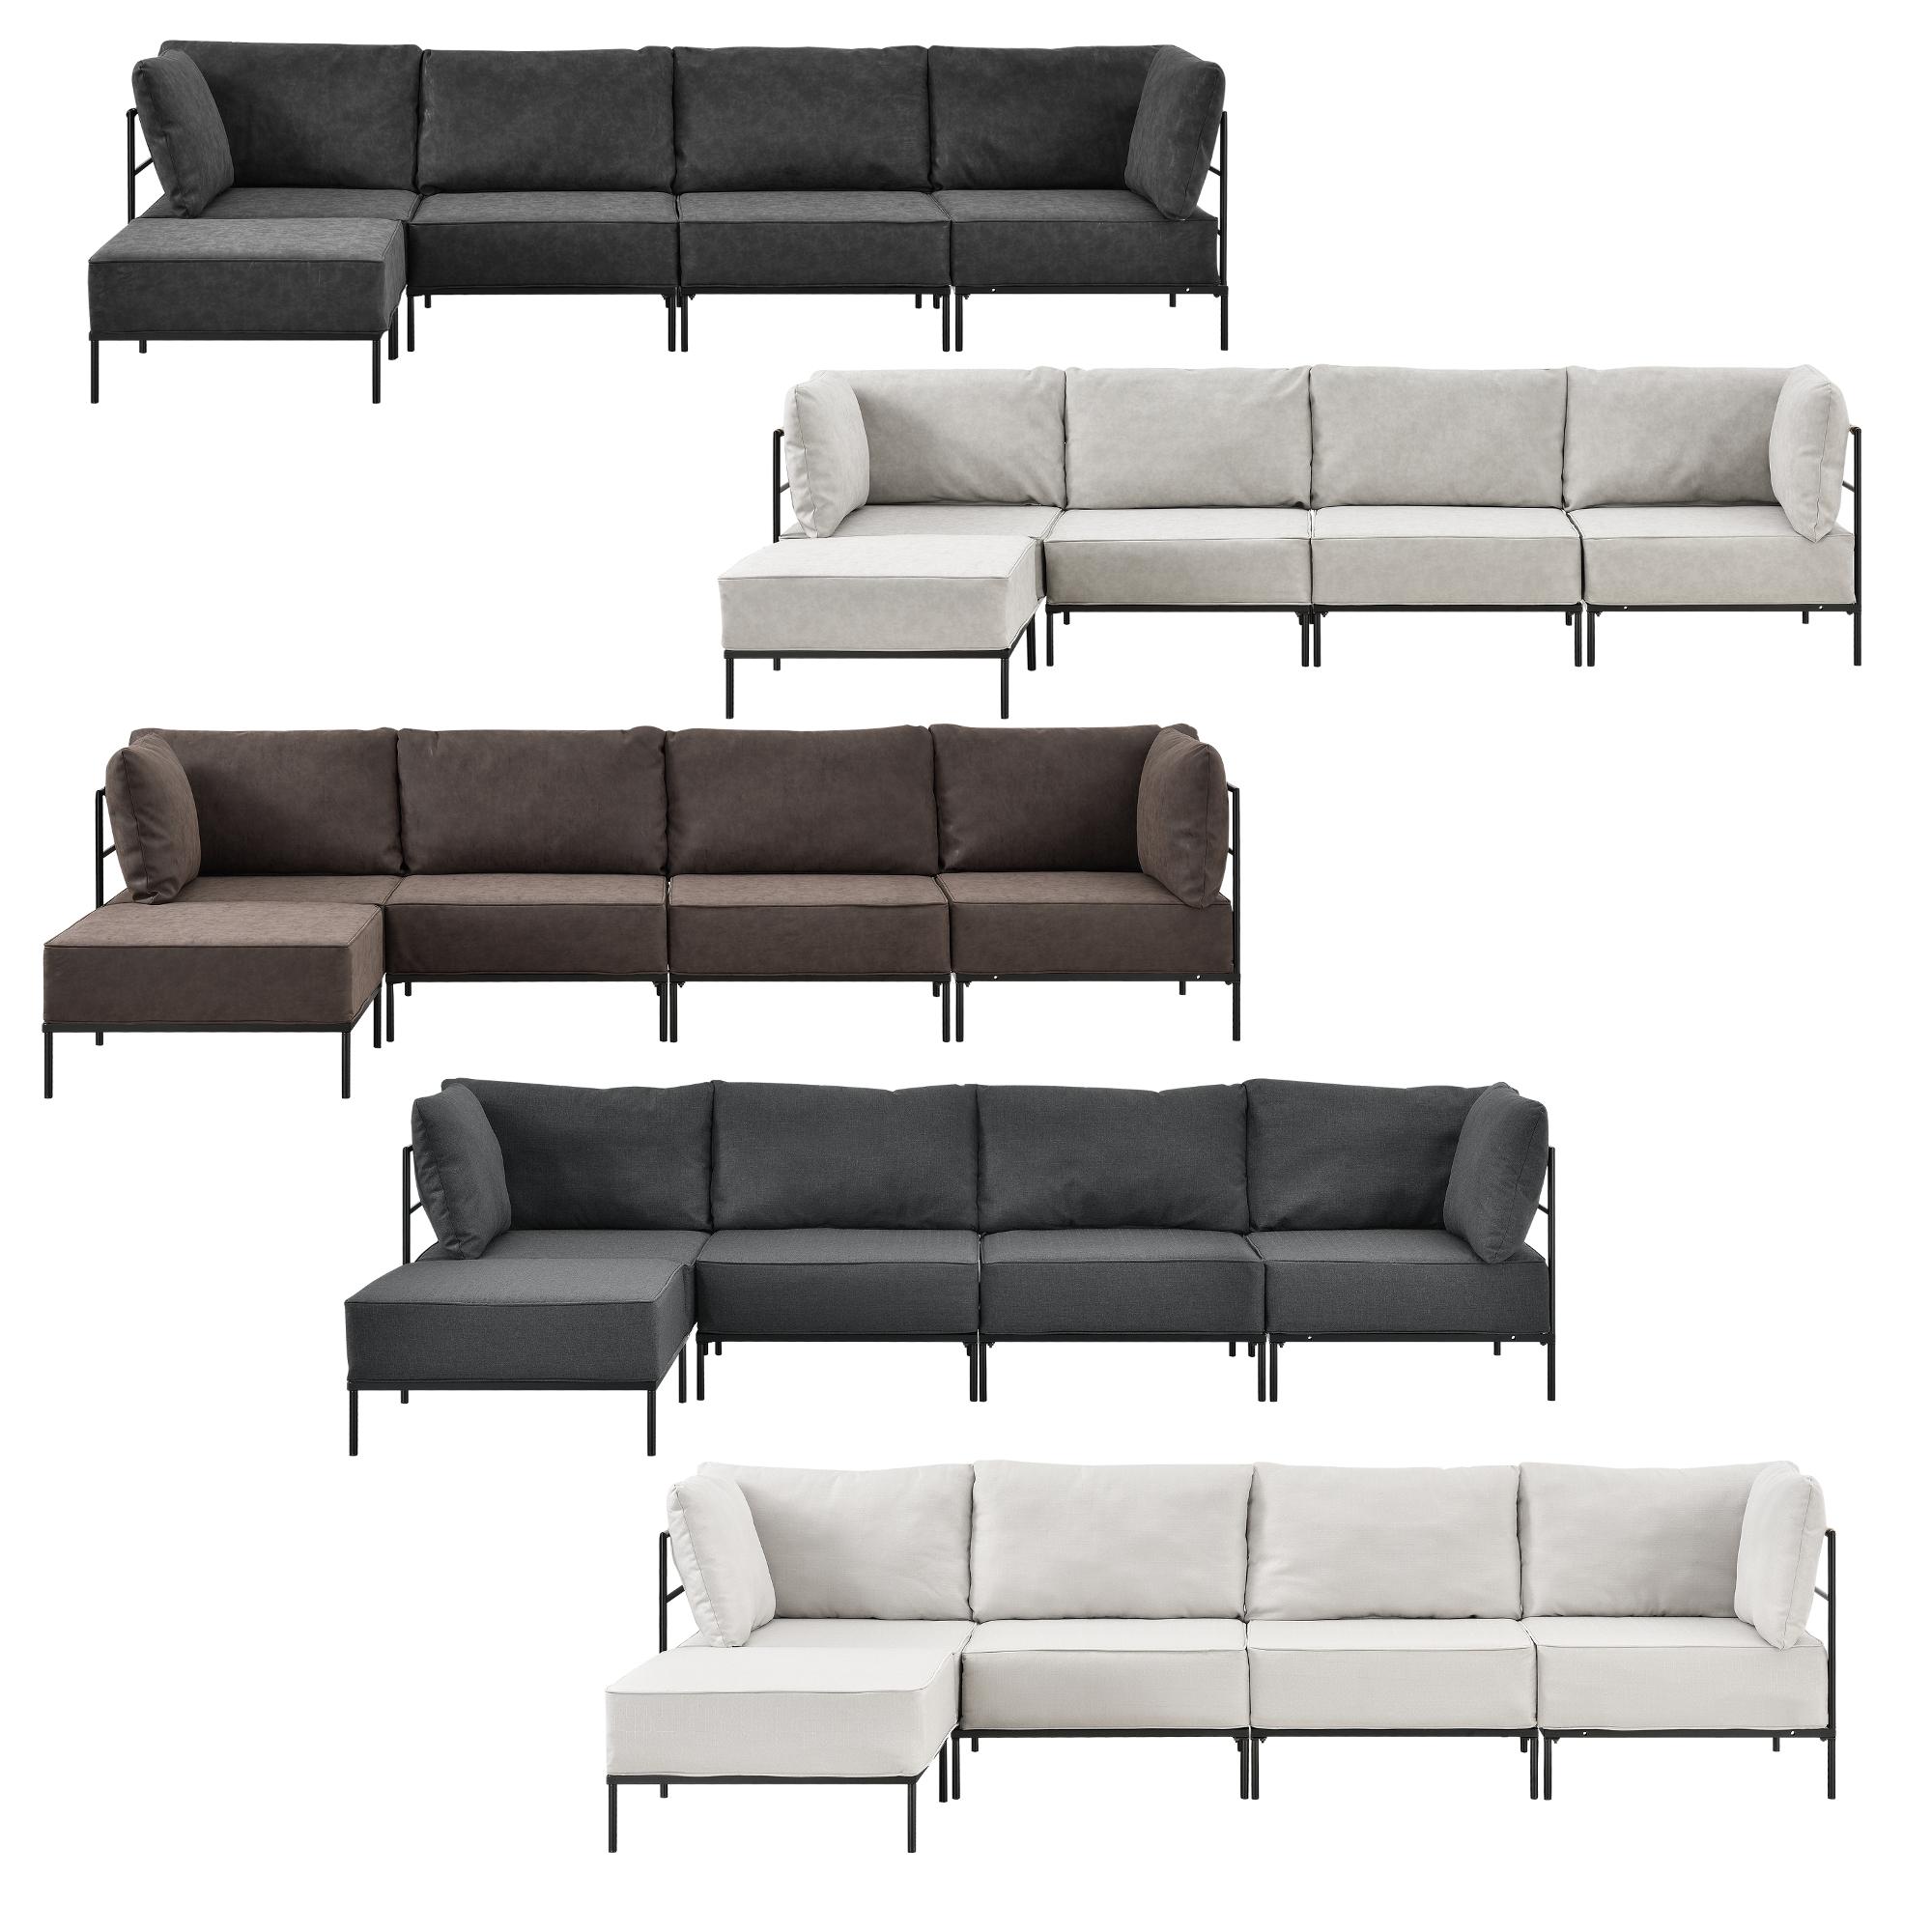 sofa couch sessel polstergarnitur wohnlandschaft garnitur kunst leder ebay. Black Bedroom Furniture Sets. Home Design Ideas